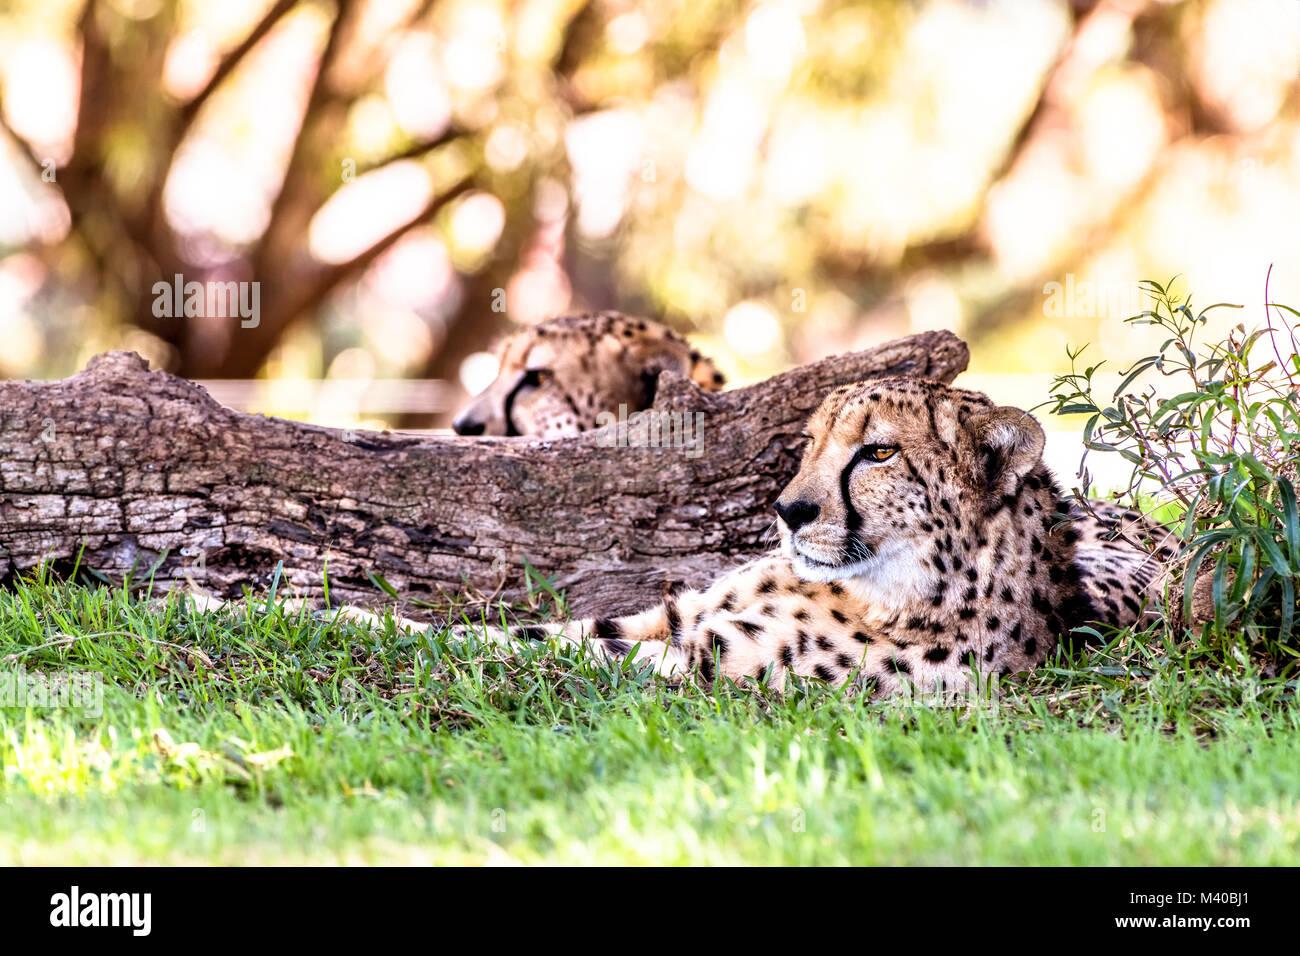 Un puissant et rapide guépard repose à côté d'un log dans une zone d'ombre au cours d'un safari Banque D'Images